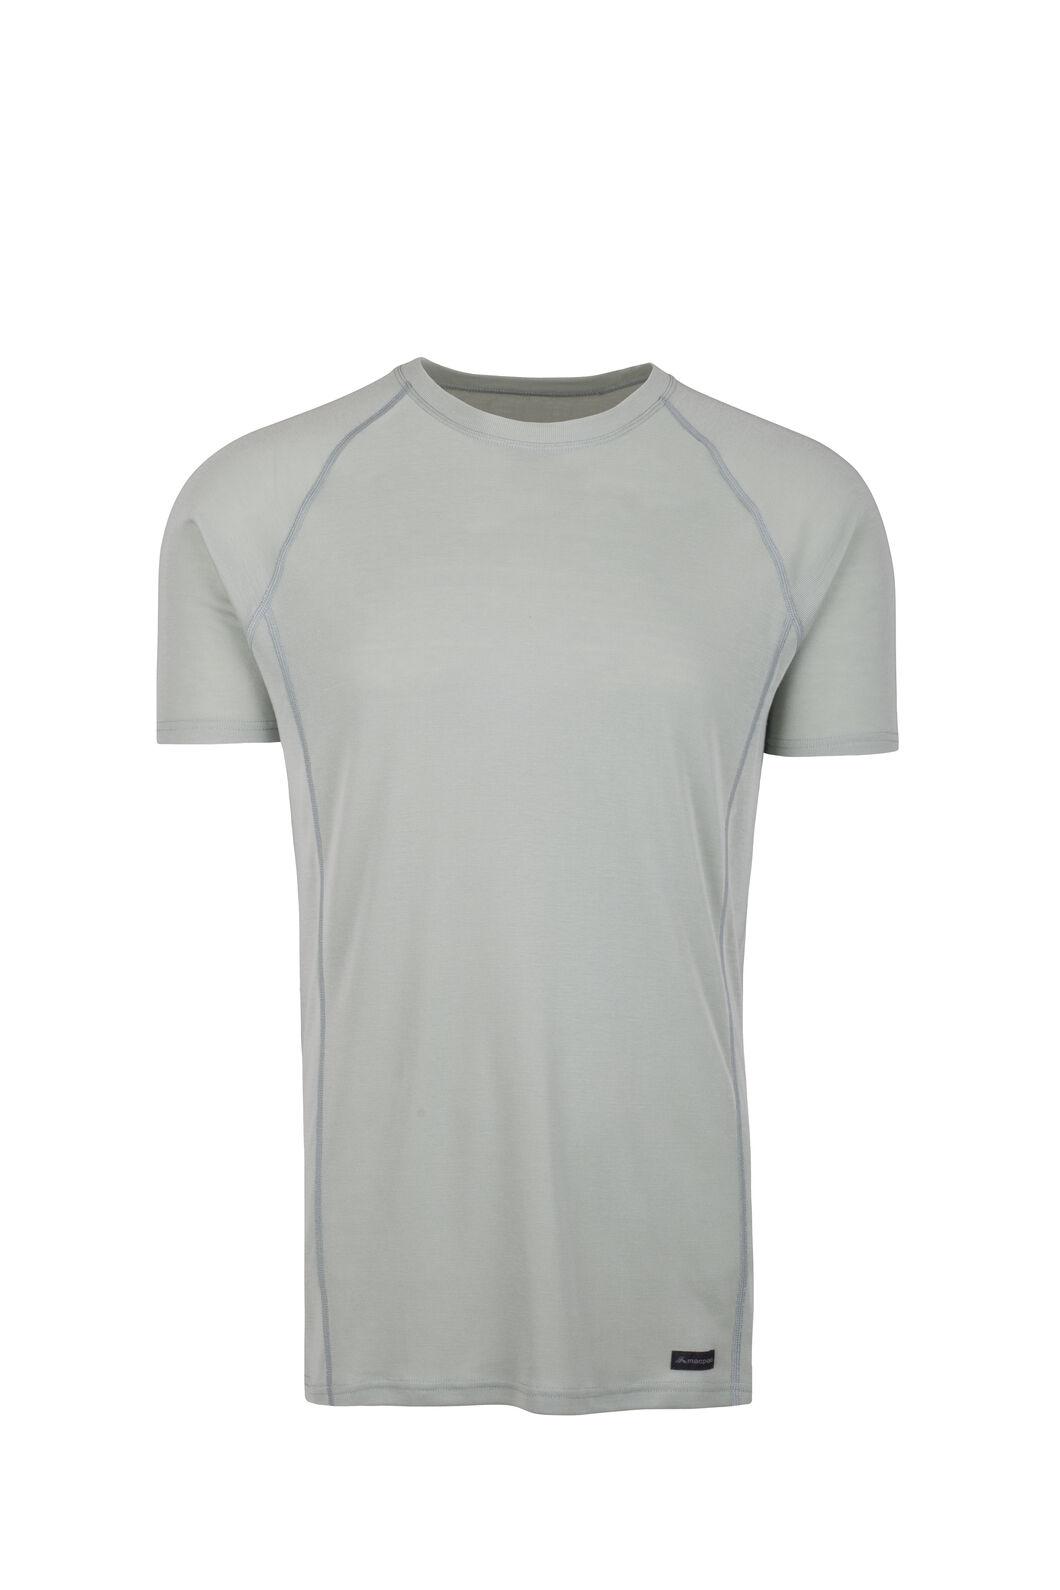 Macpac Geothermal Short Sleeve Top - Men's, Aqua Gray, hi-res